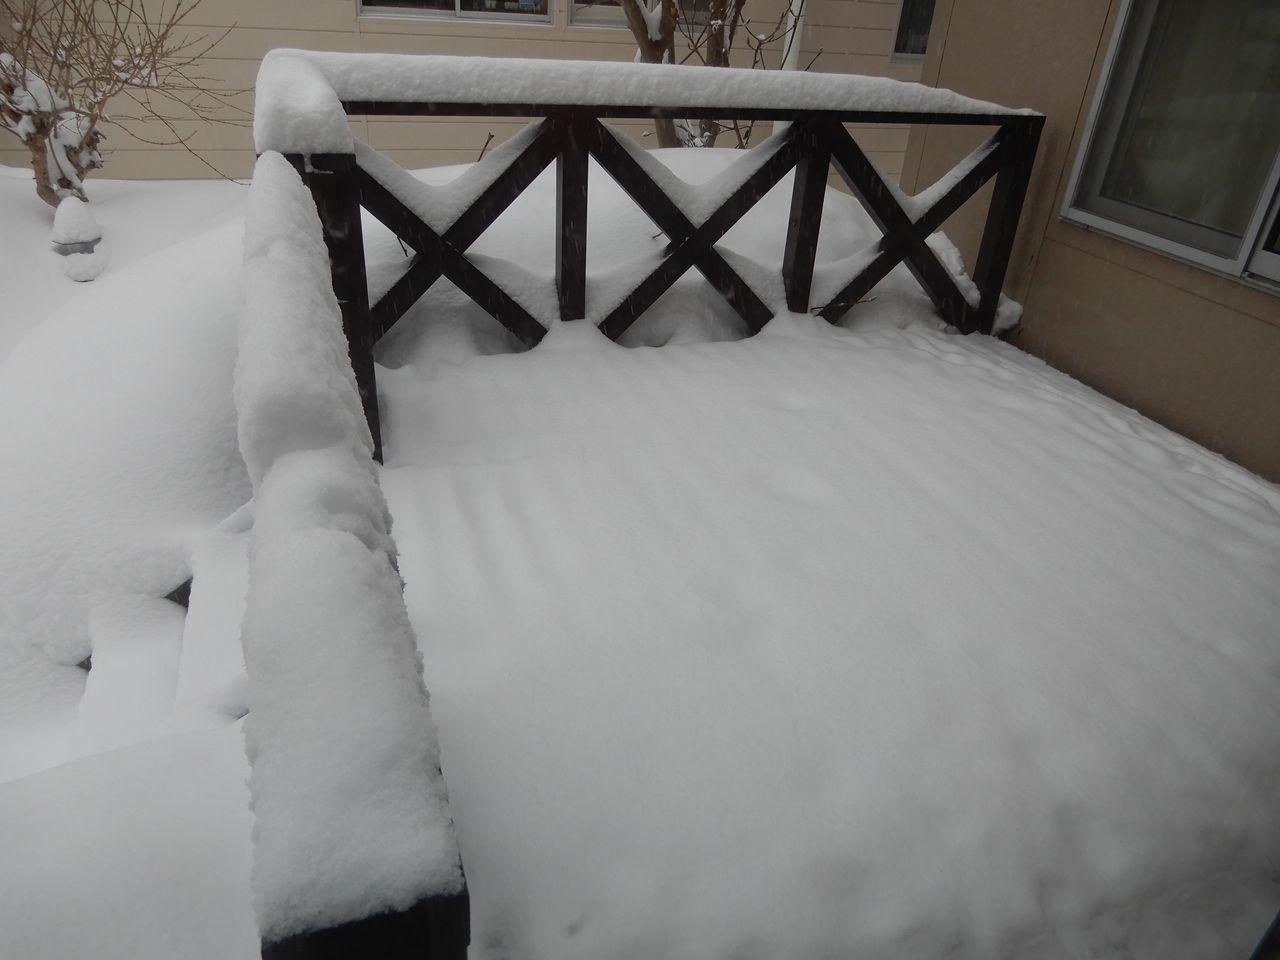 今日は3回除雪しました_c0025115_23155282.jpg